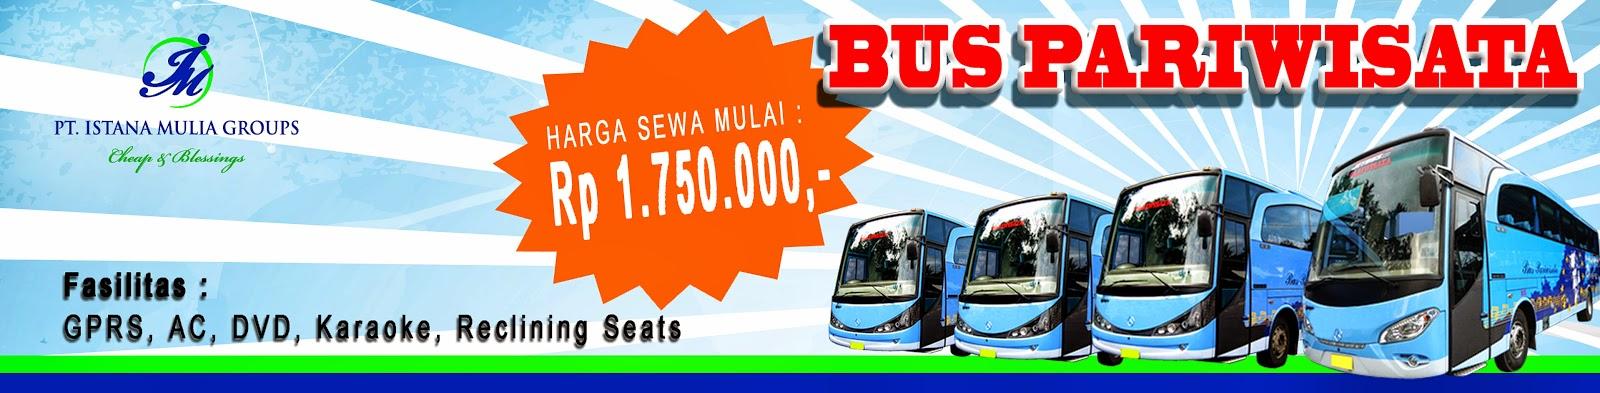 harga sewa bus murah